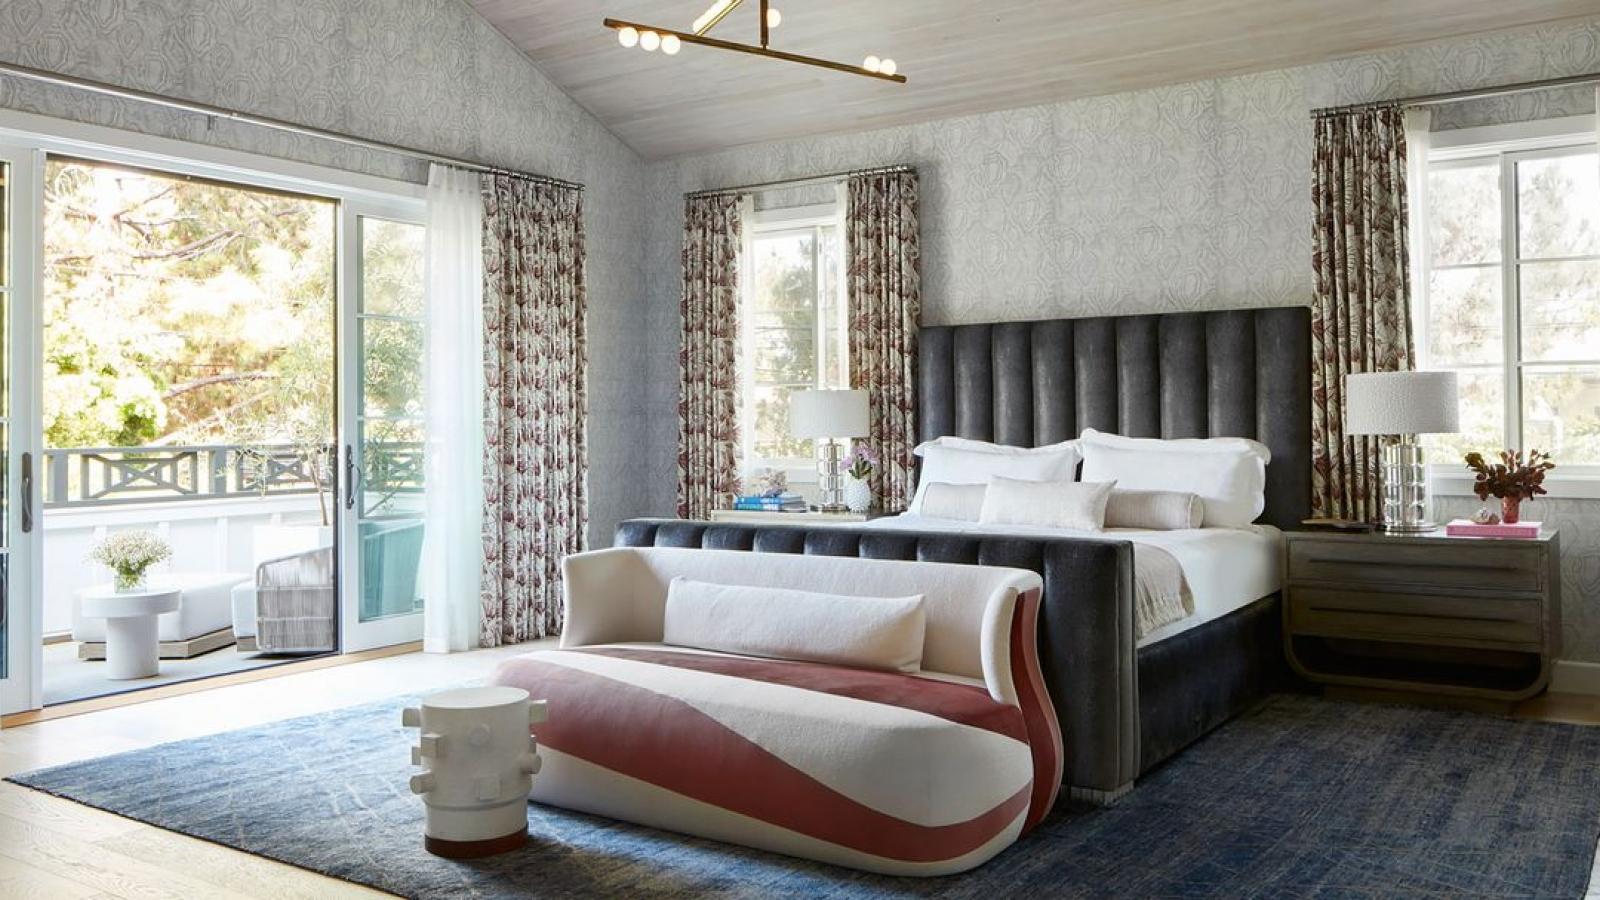 Làm thế nào để khiến phòng ngủ trông sang trọng?